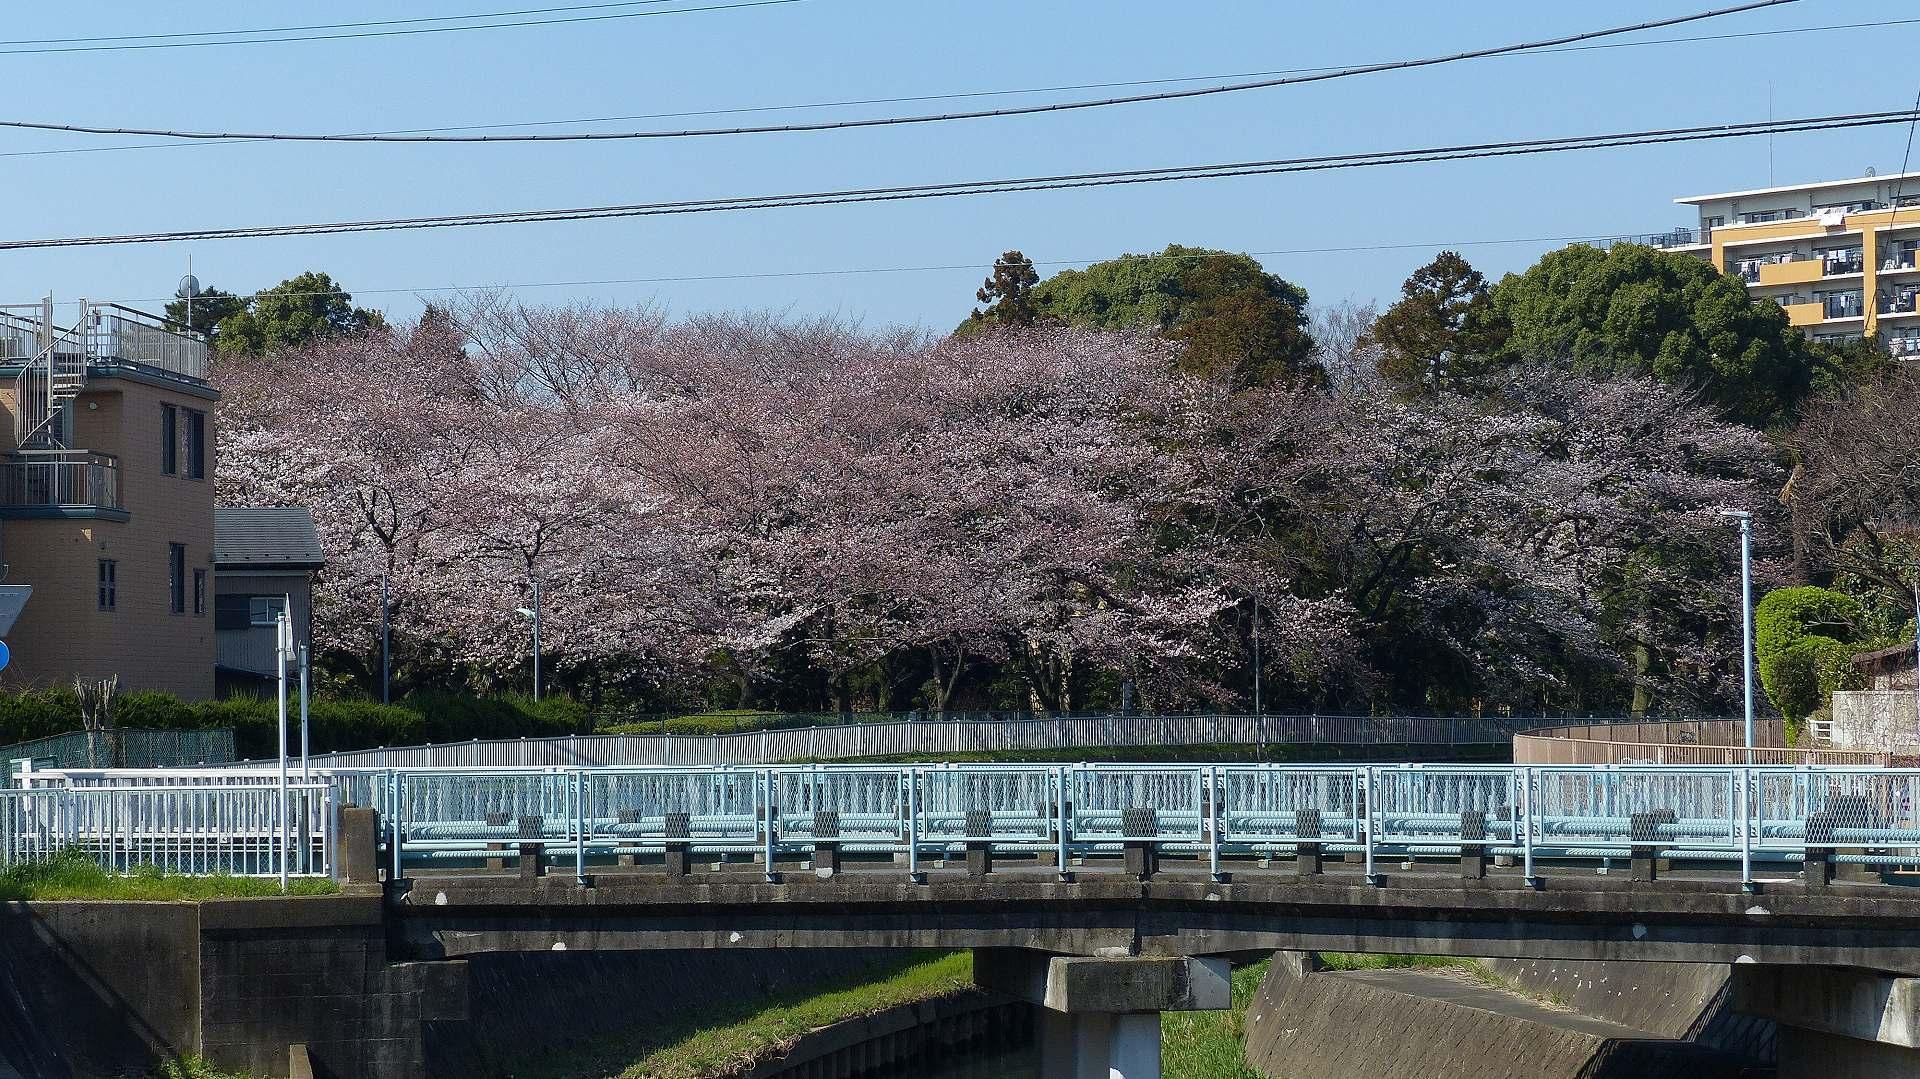 桜の便りに誘われて 【 2018 3/25(日) 】_a0185081_15295395.jpg